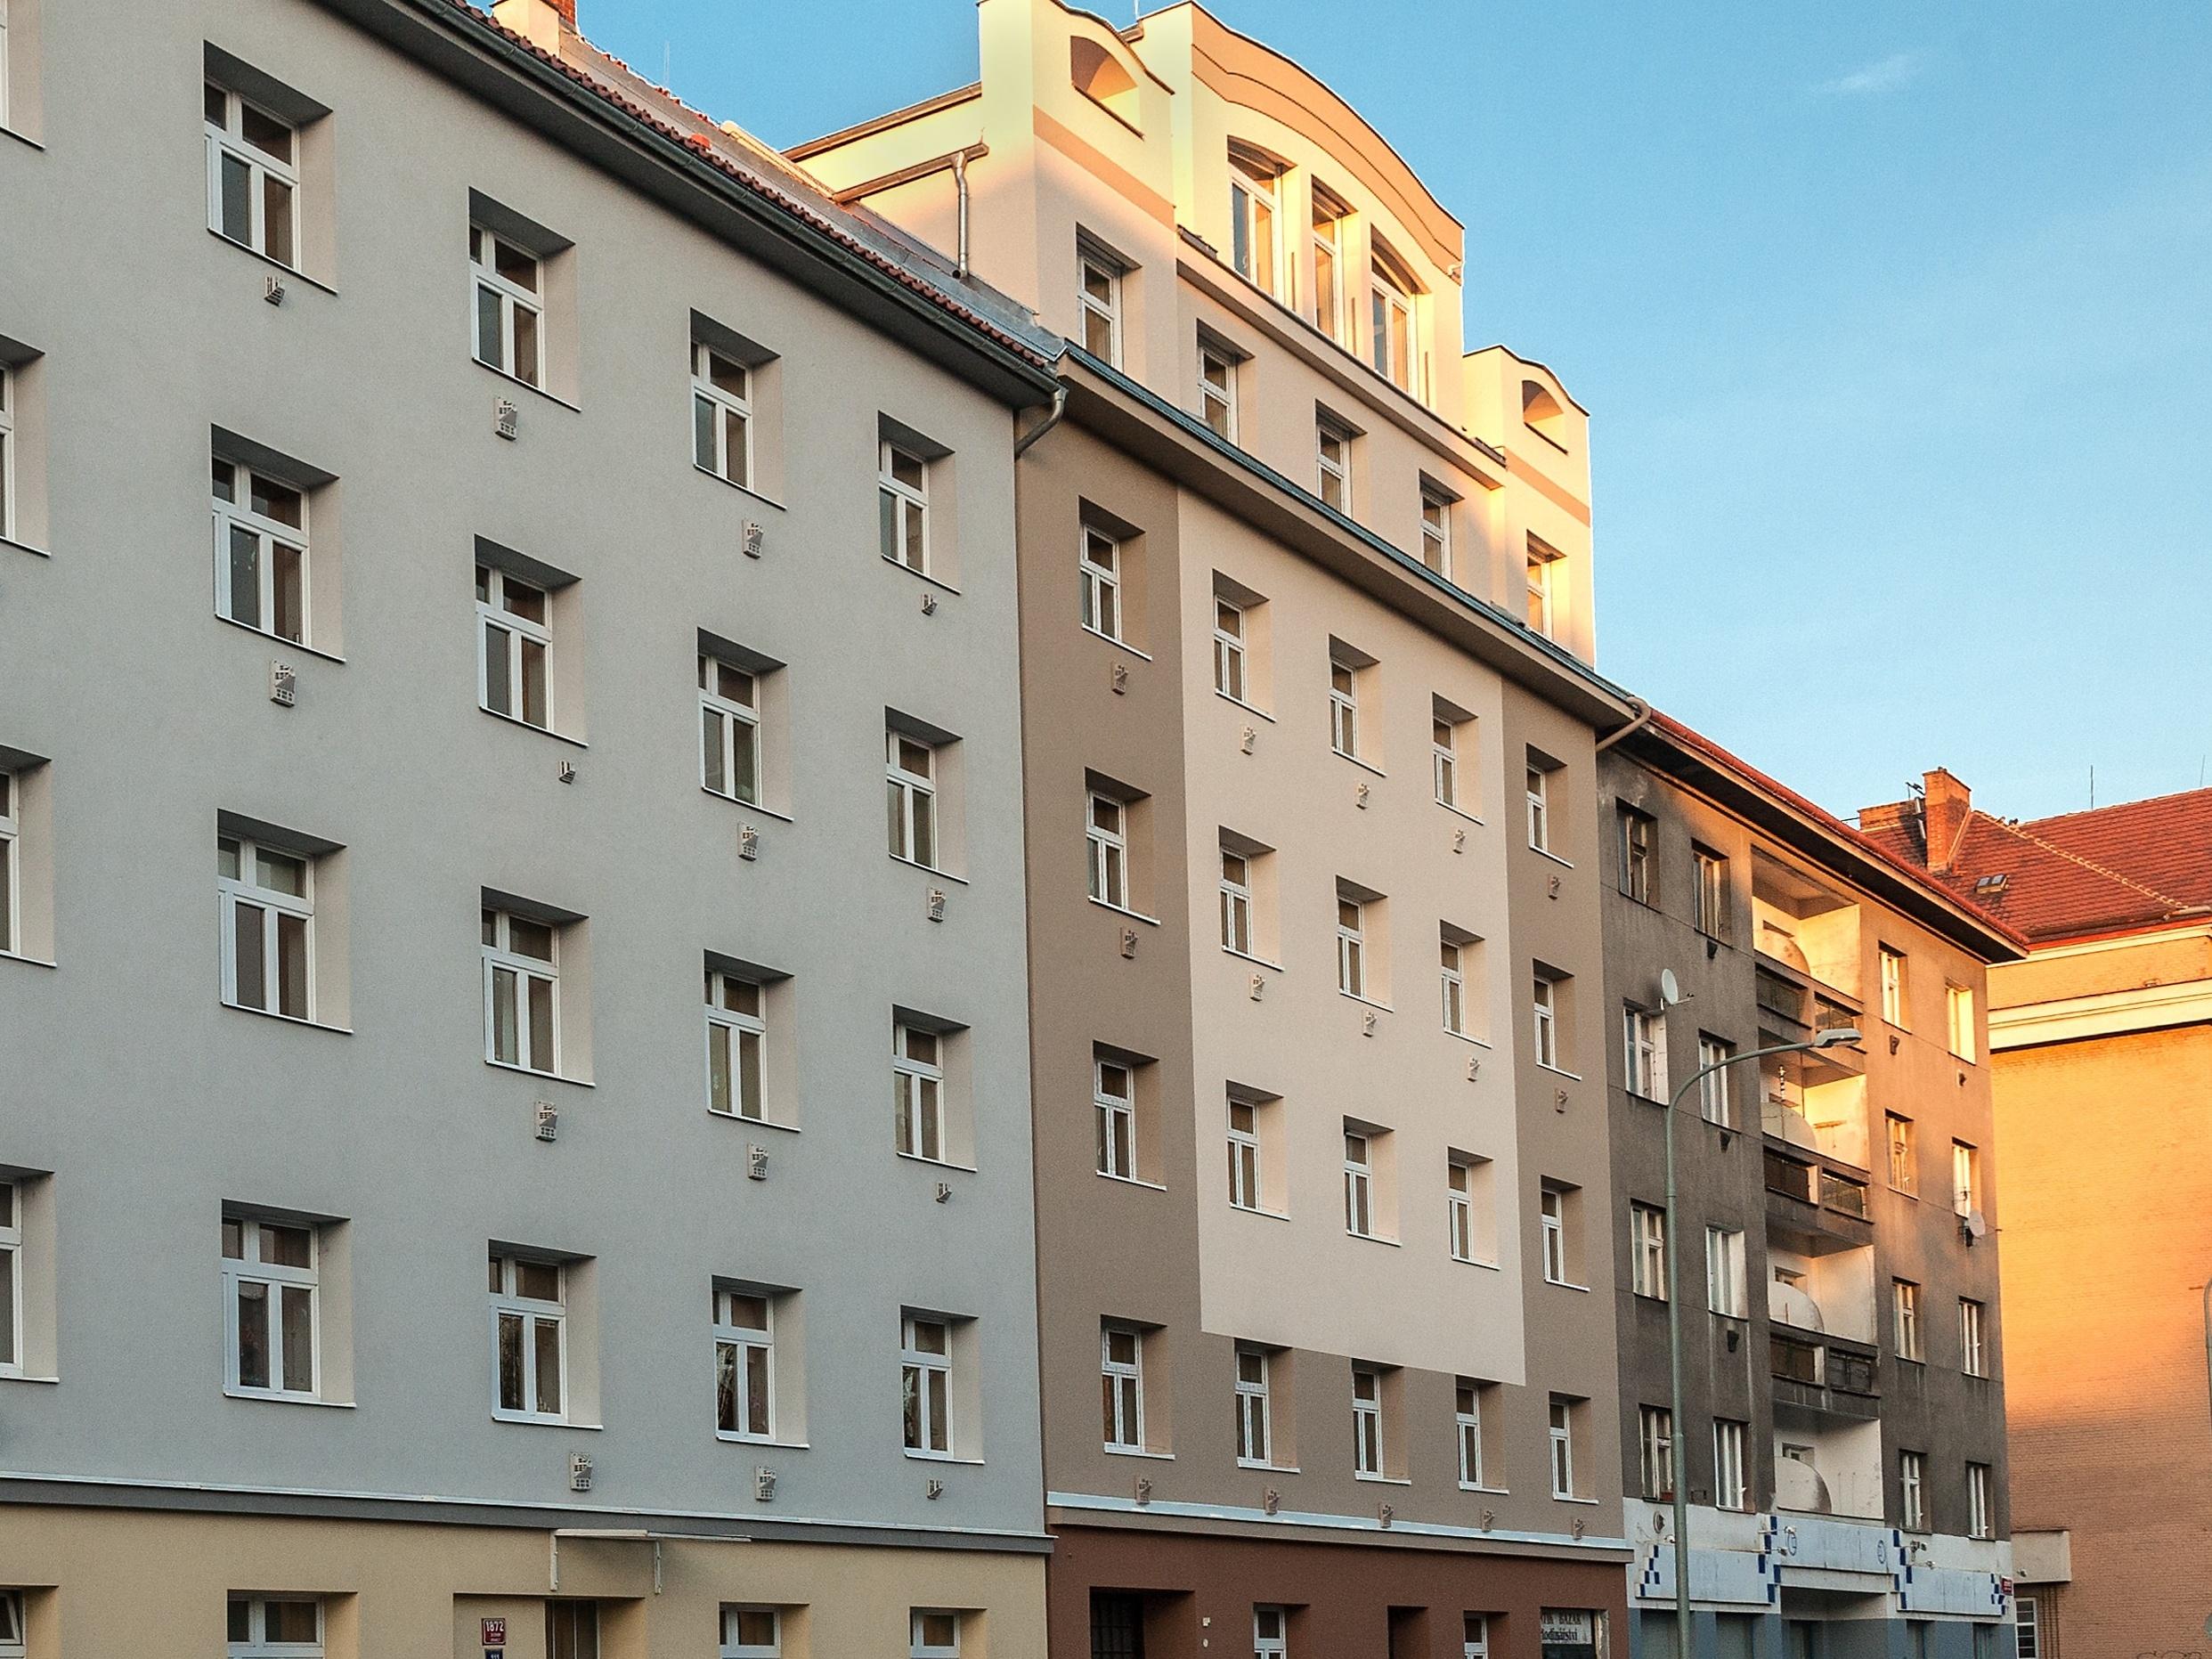 Startuje příjem žádostí o dotace na výstavbu nízkoenergetických bytových domů, zelené střechy a využívání tepla z odpadní vody